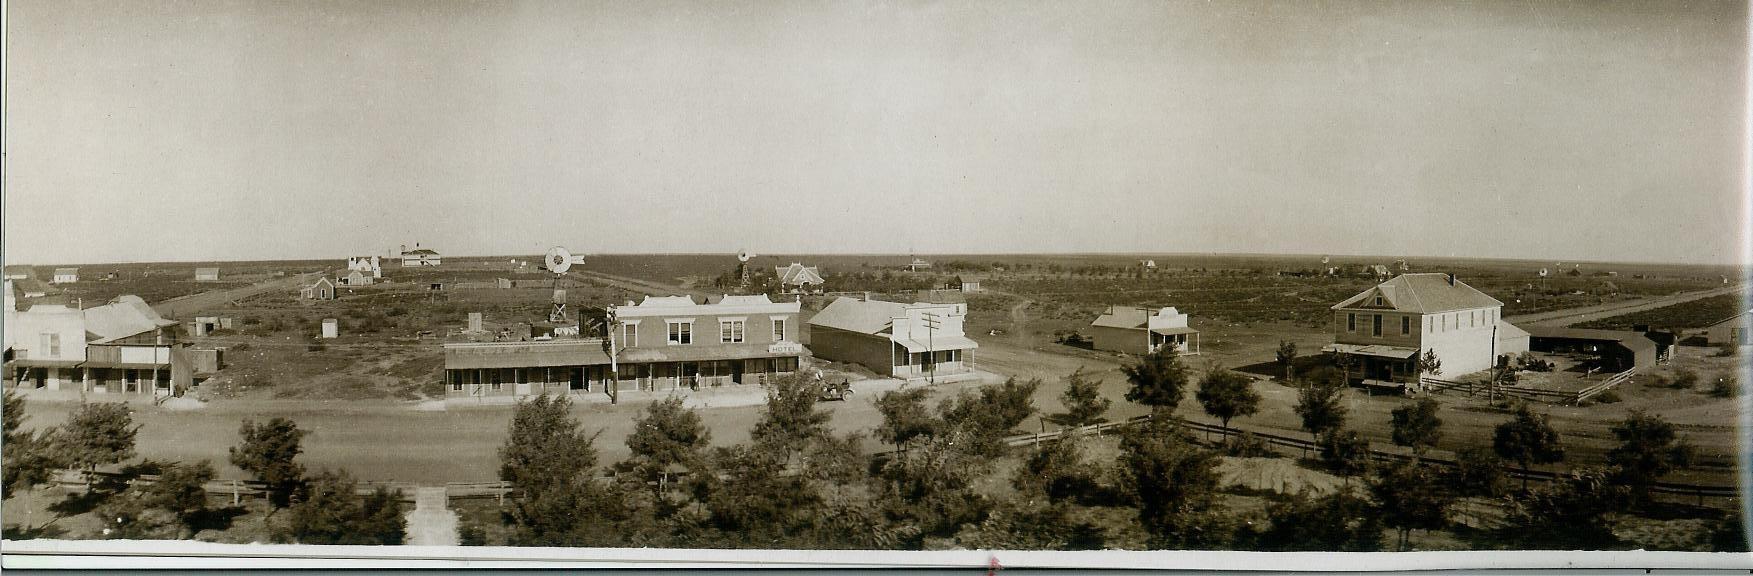 Seminole Texas Panaramic View 1909